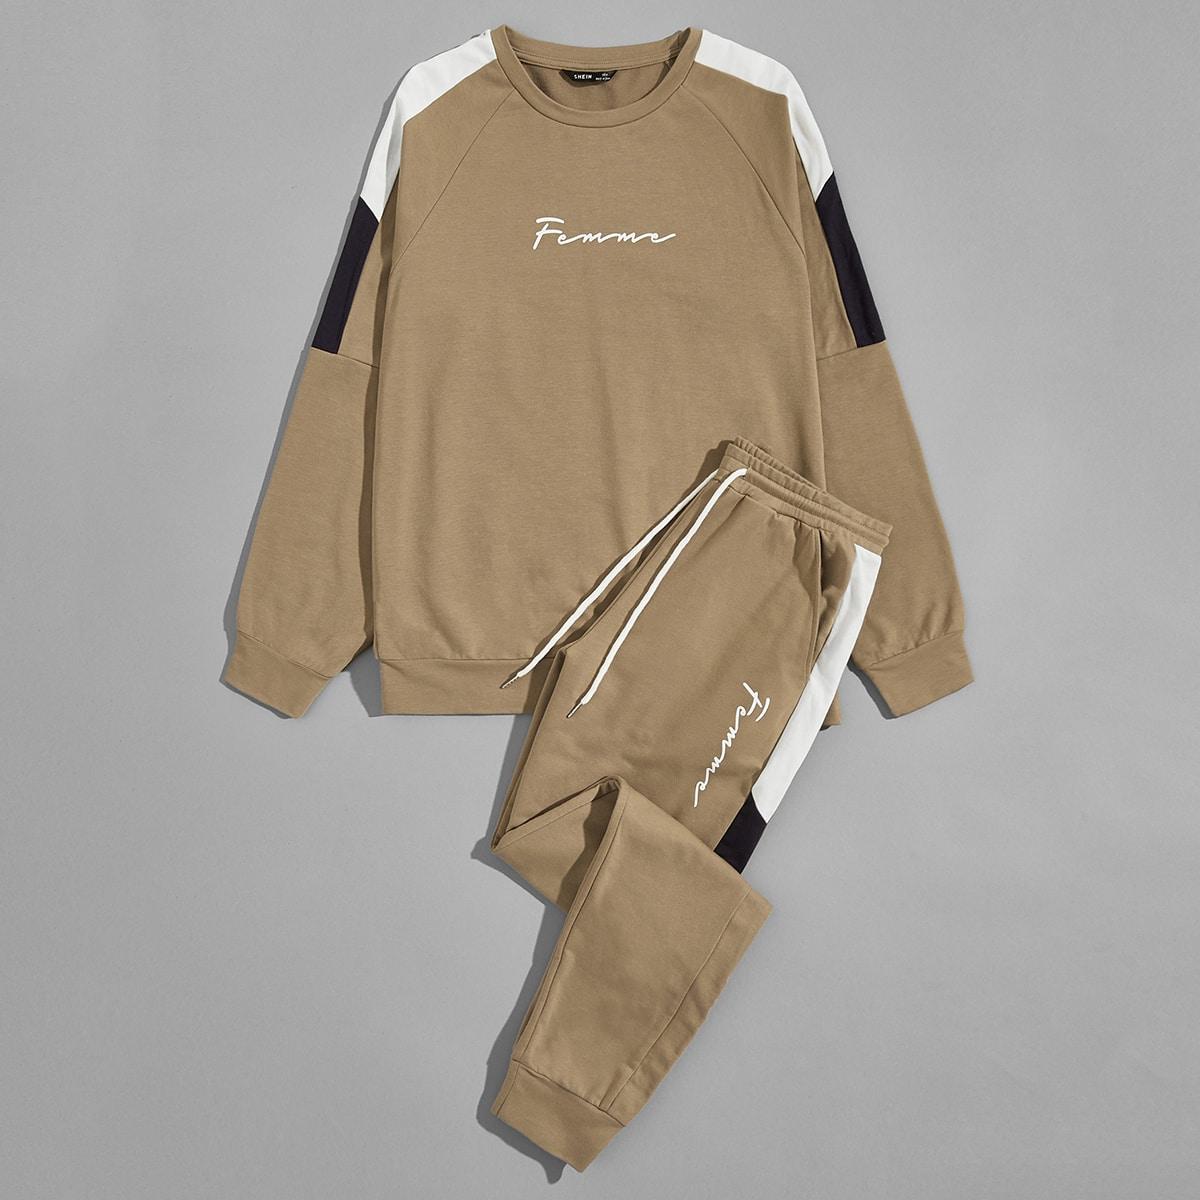 Мужской пуловер и джоггеры с текстовым принтом